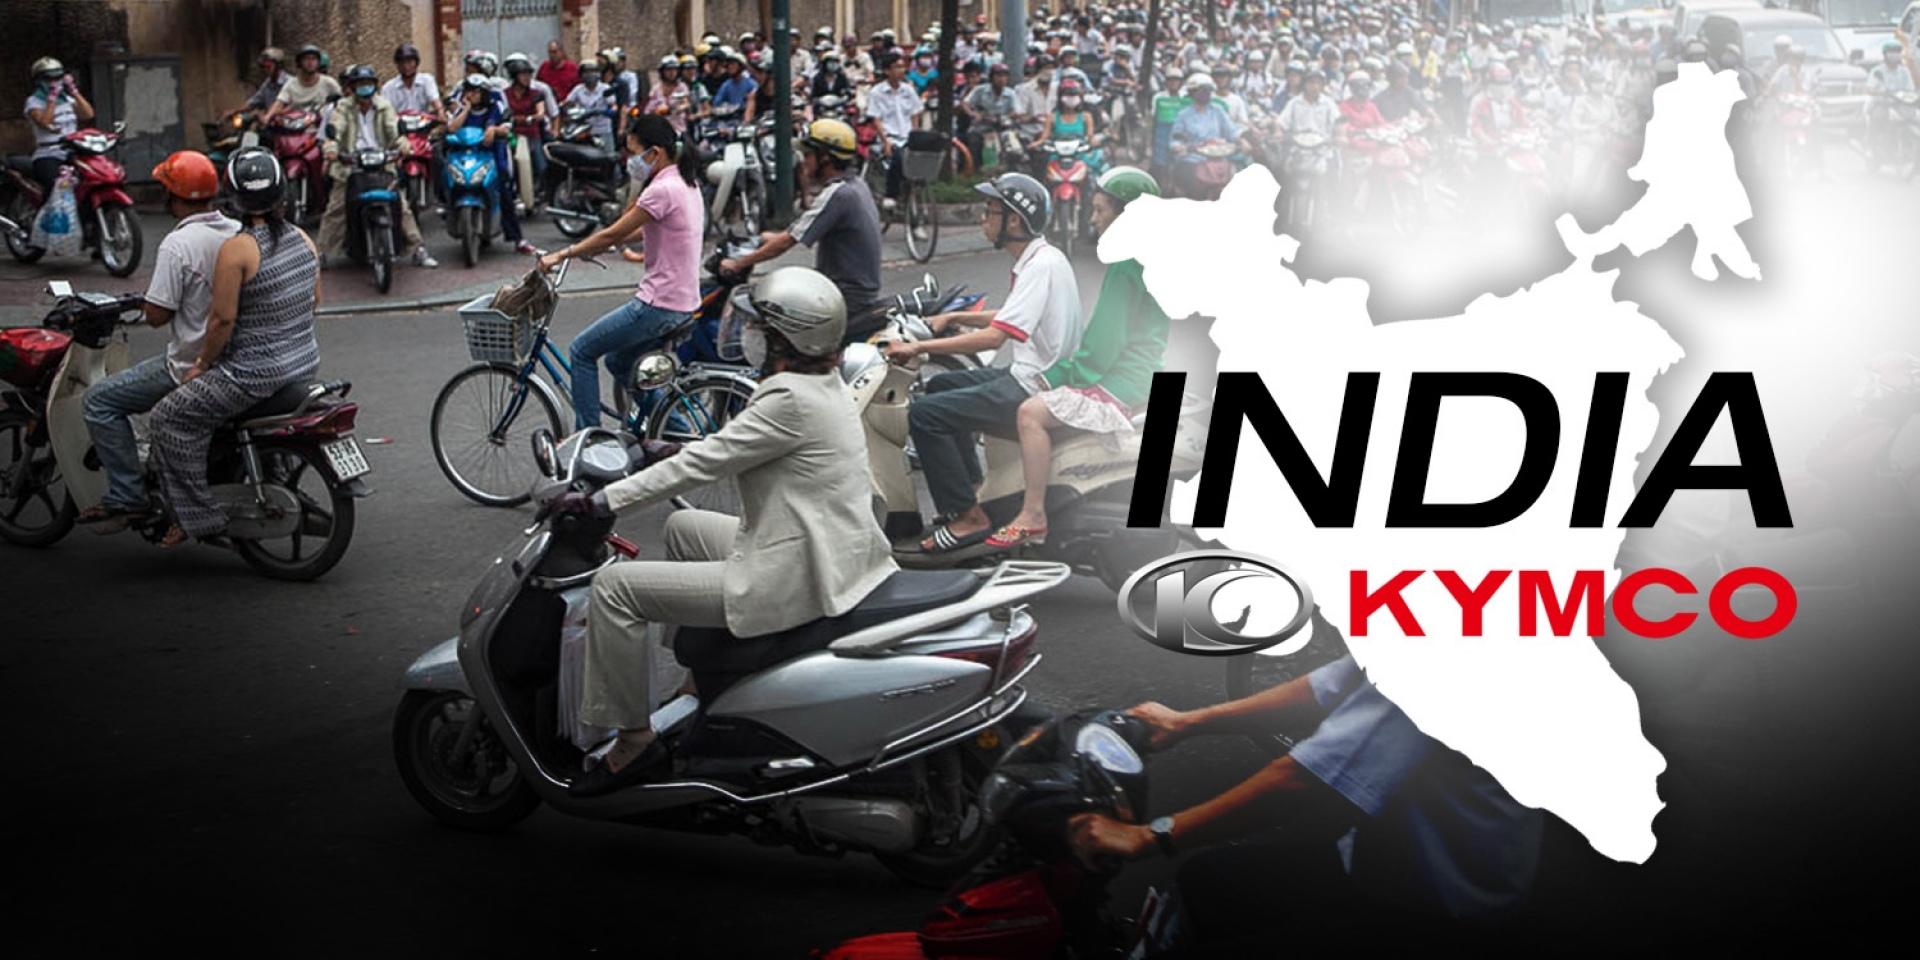 國際版圖再擴展。KYMCO將在2021進軍印度13億市場